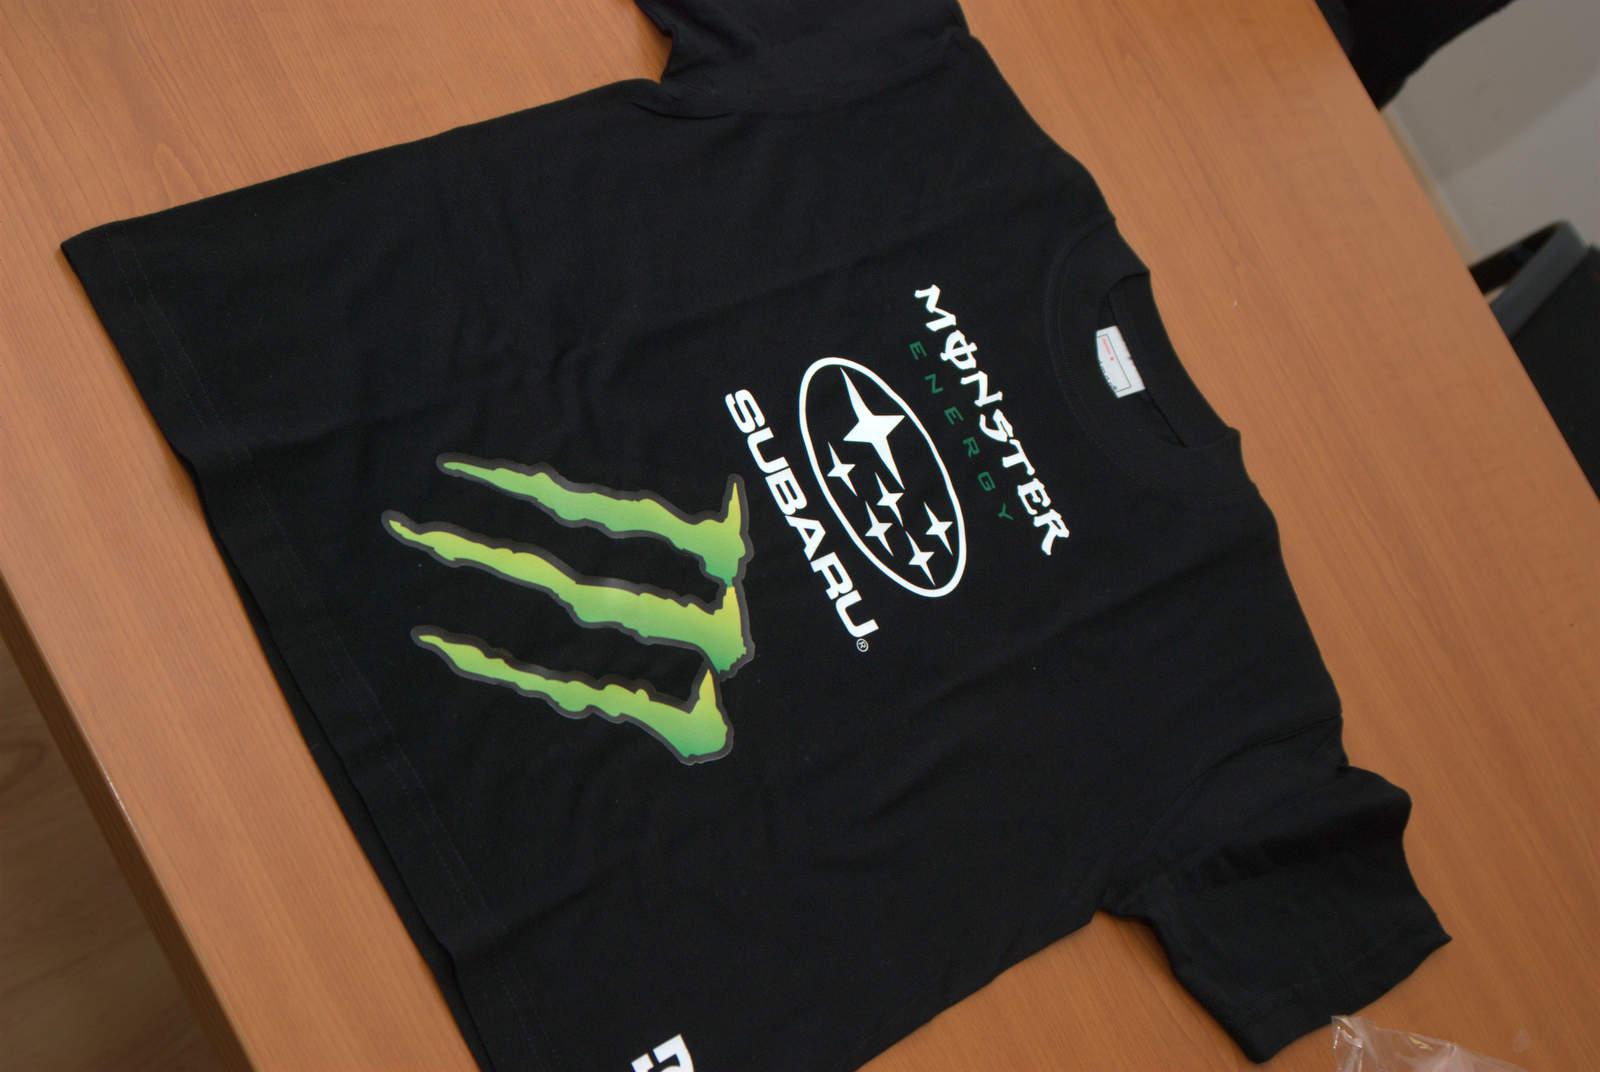 f1400edb94ca Čierne tričko s reklamami sponzorov Monster a Subaru